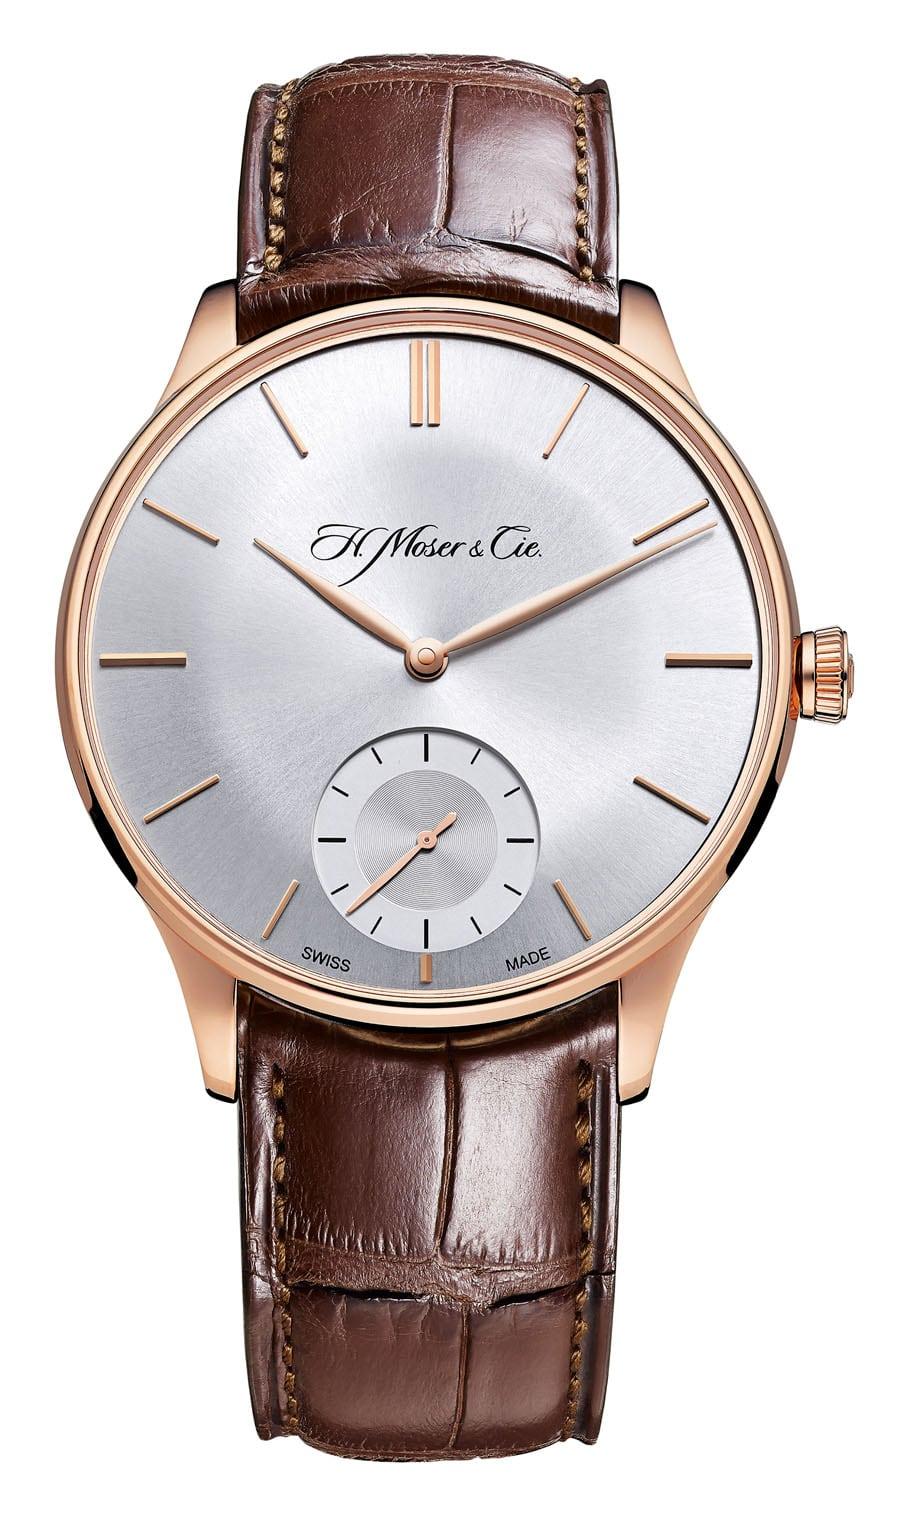 Uhren-Ikonen und ihre Alternativen: H. Moser & Cie. Venturer Small Seconds